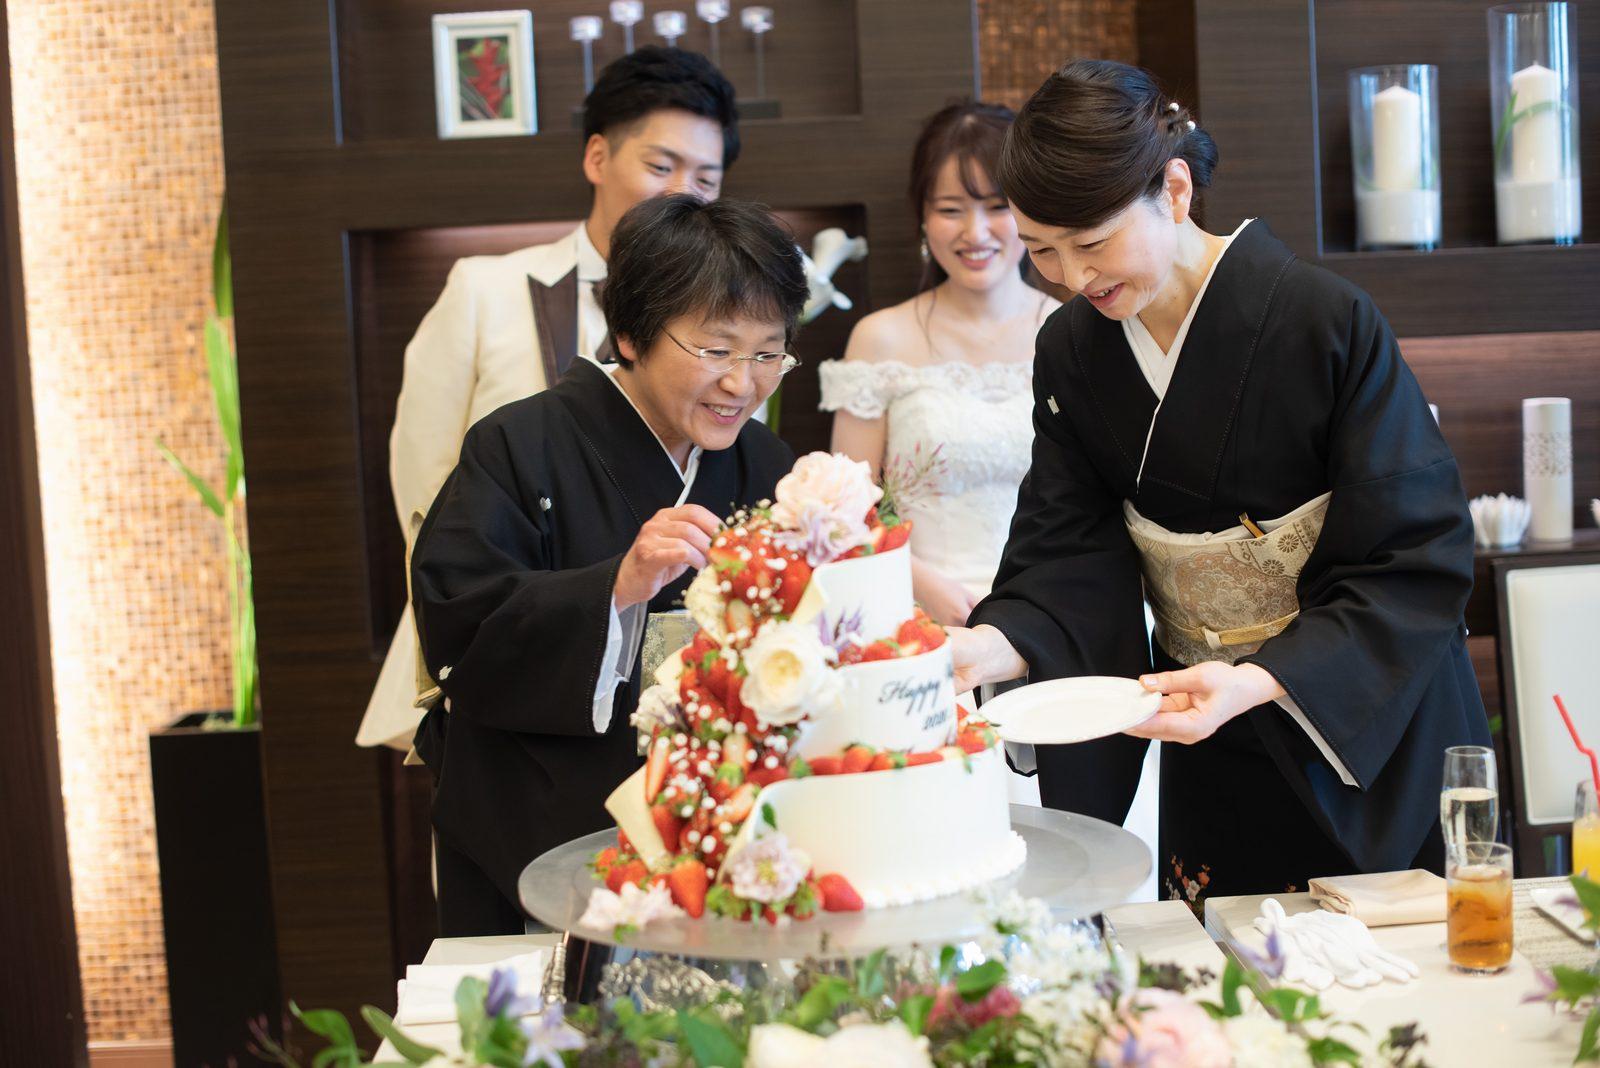 徳島県の結婚式場ブランアンジュの披露宴でラストバイトの準備をする両家母